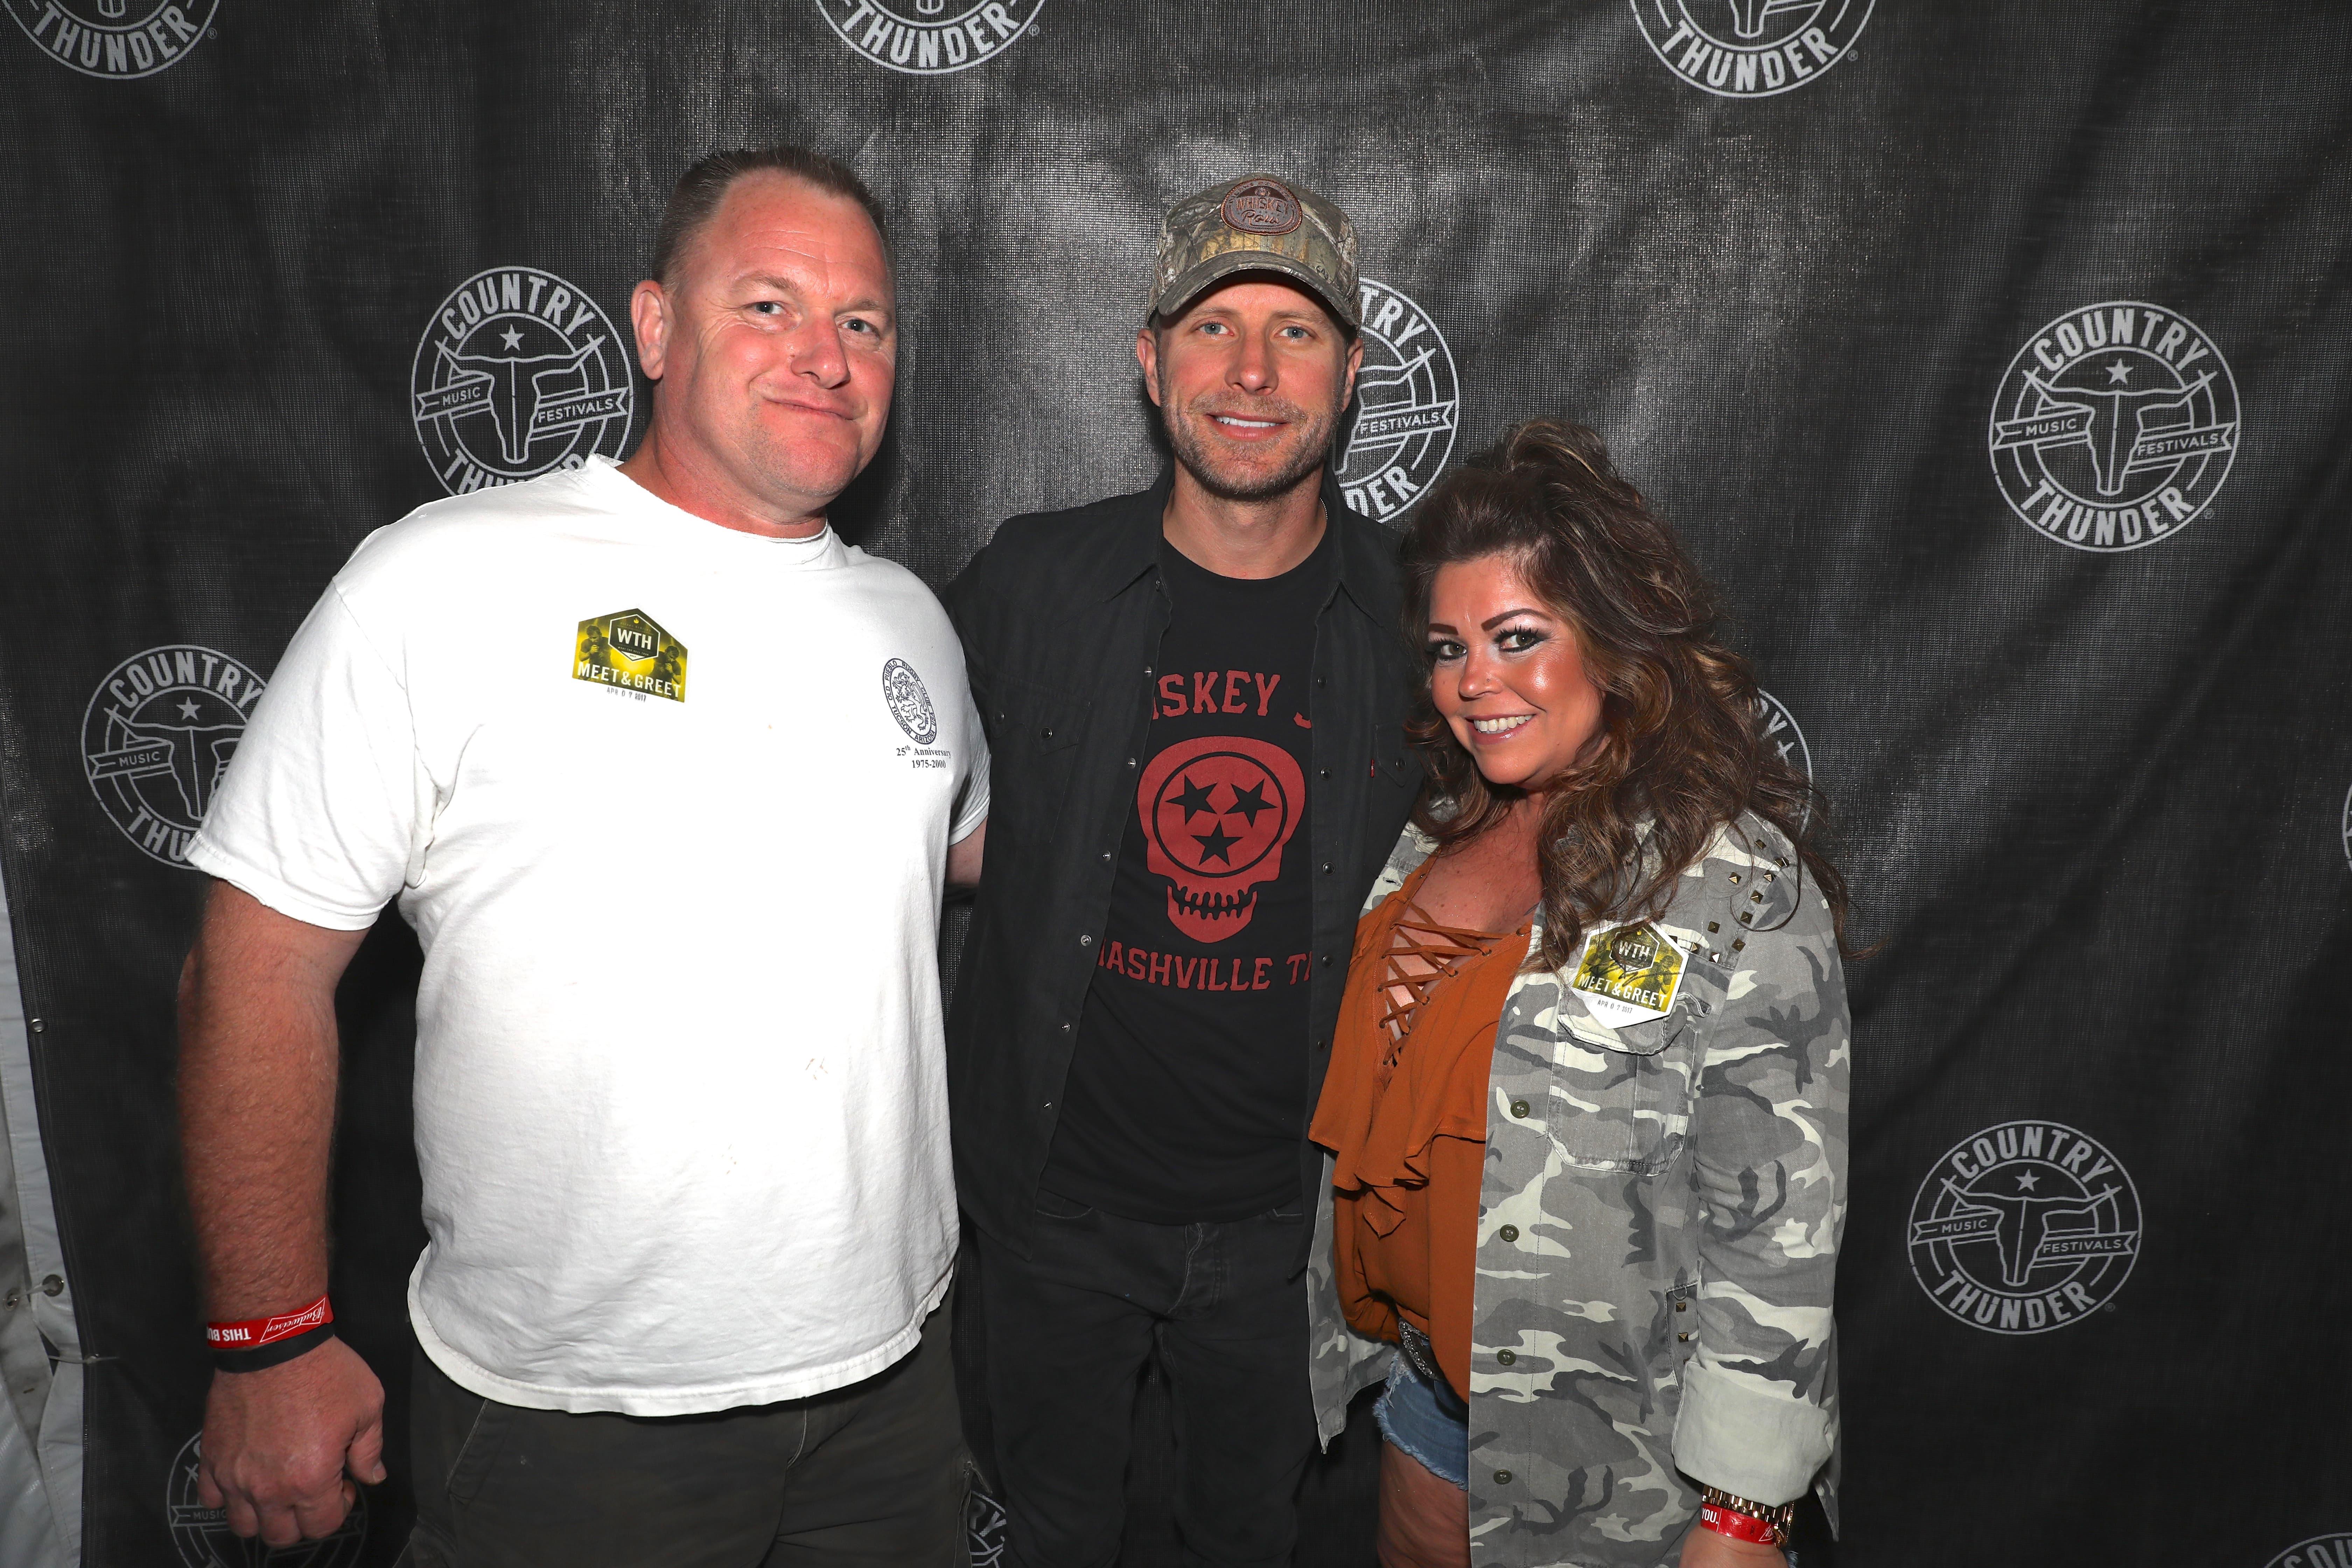 Dierks Bentley Meet And Greet Photos Dierks Bentley